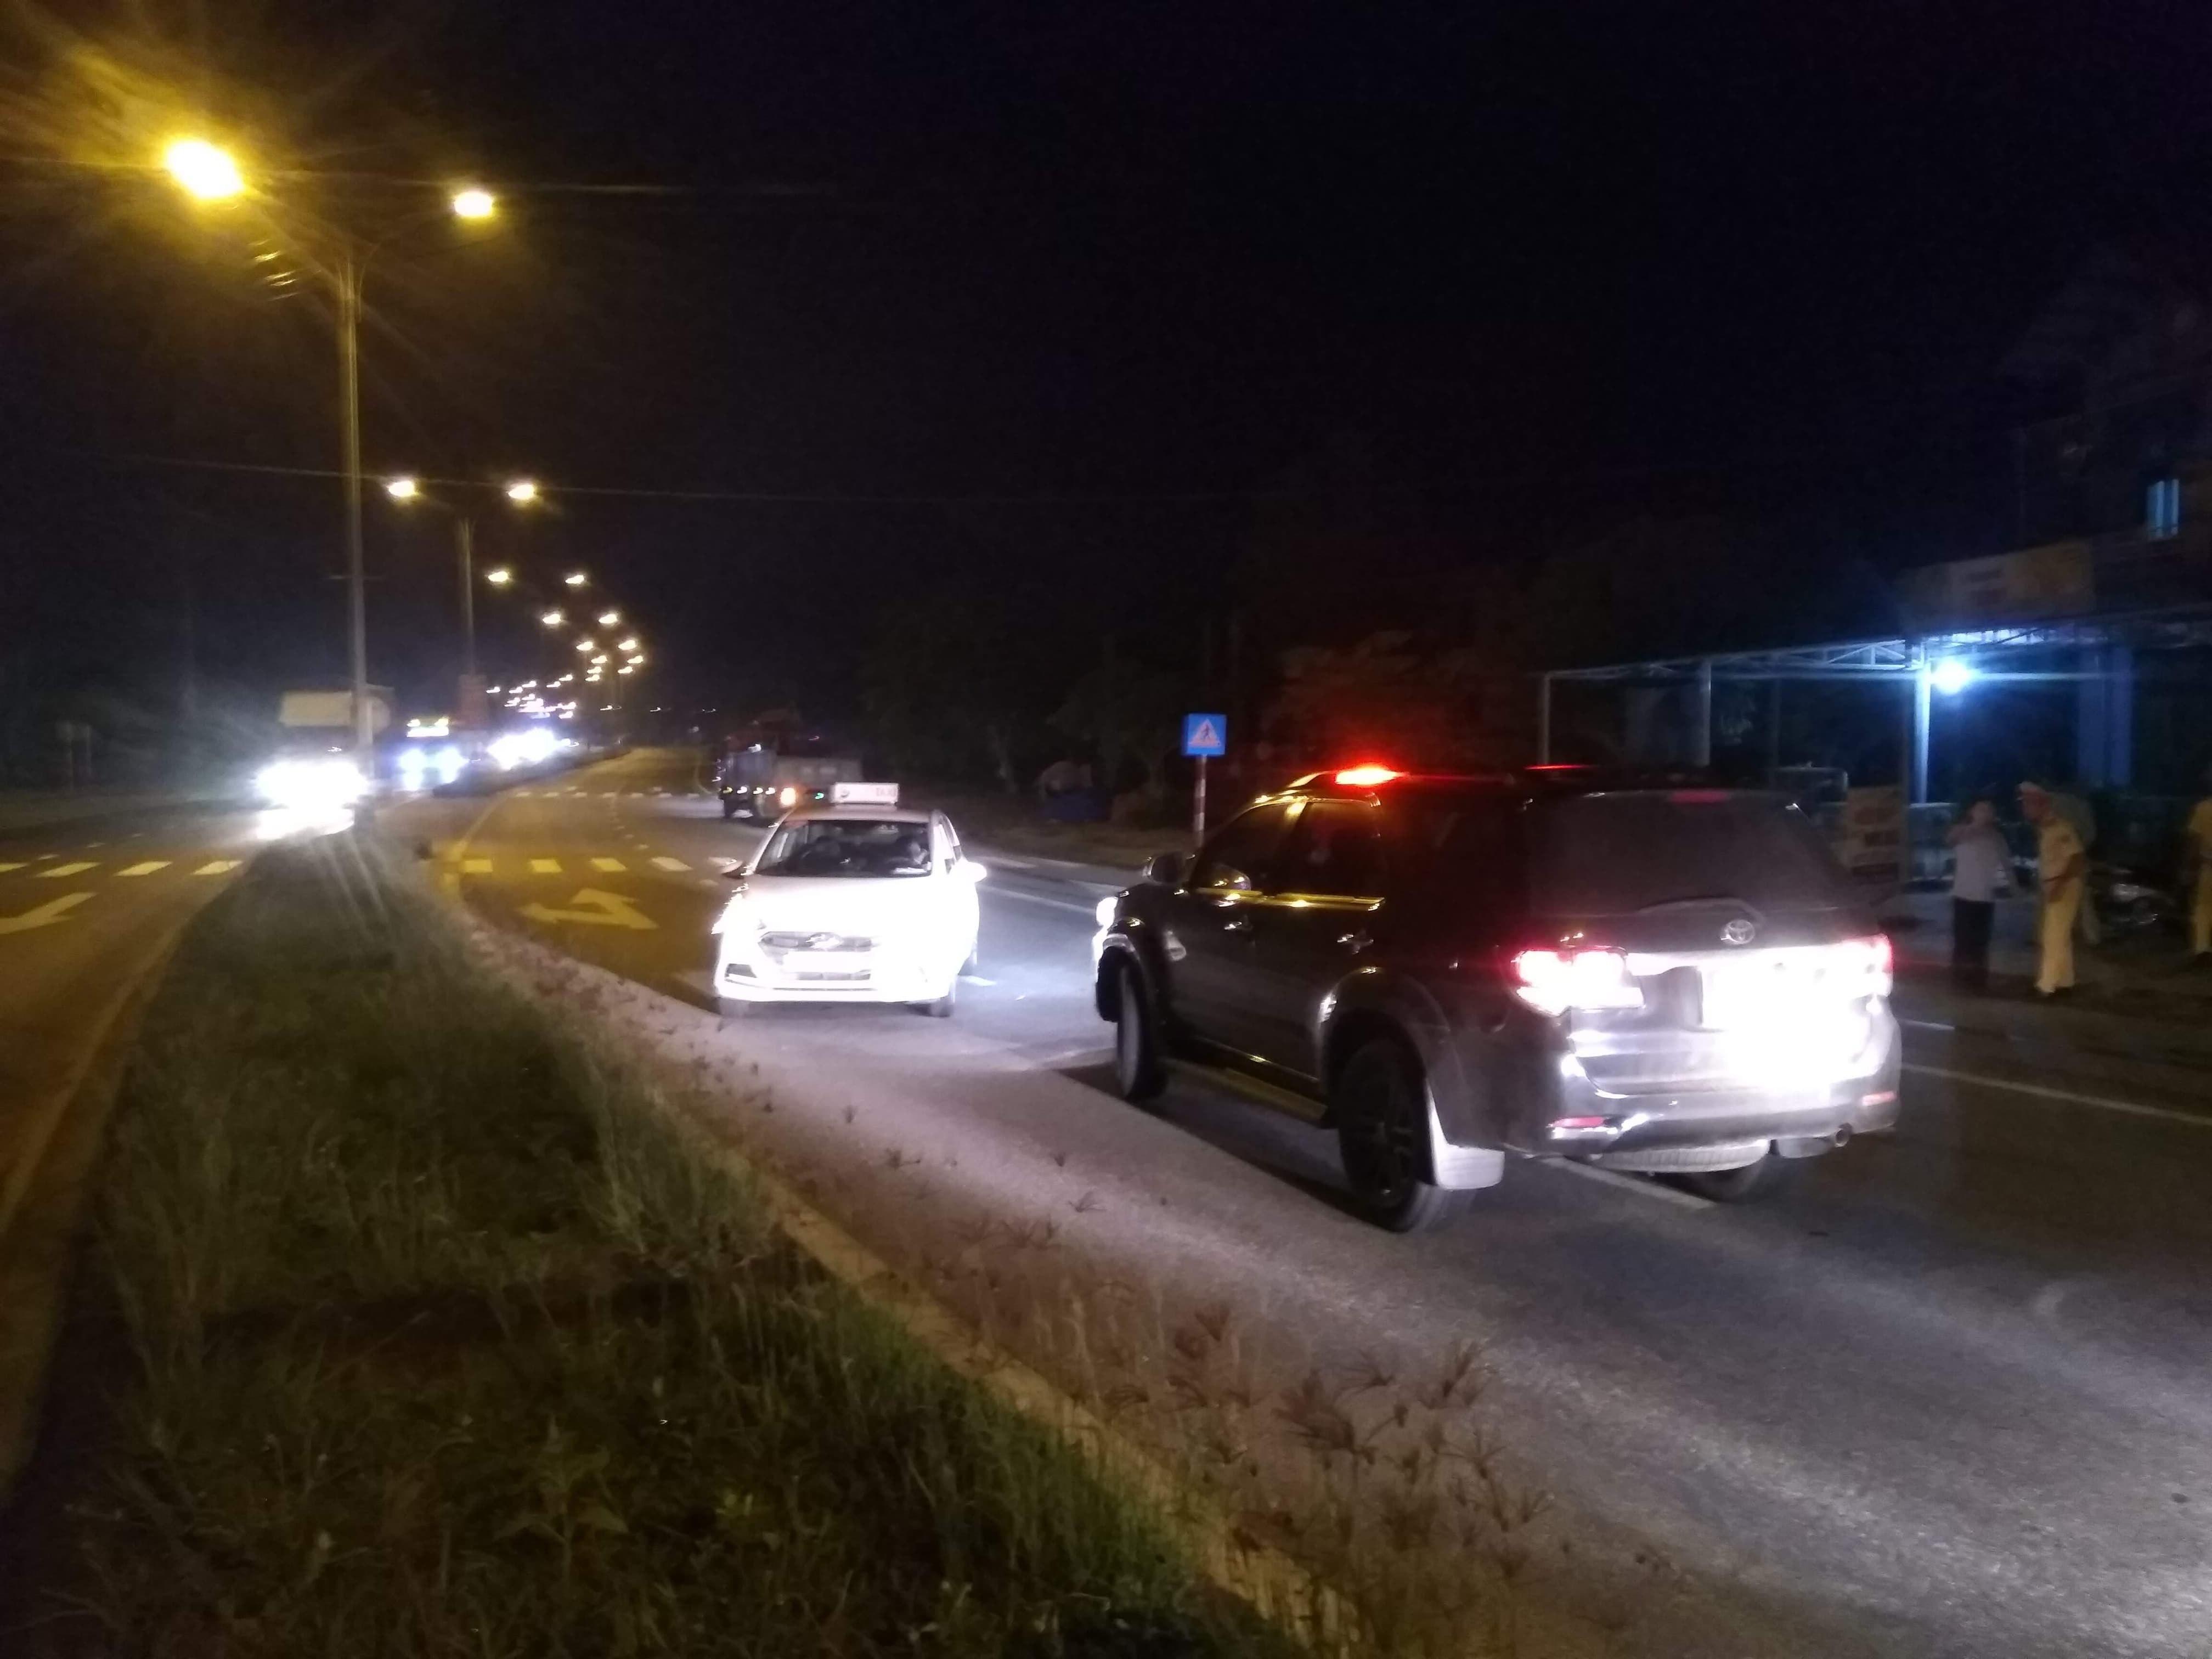 Nóng 24h qua: Vì sao tài xế liều lĩnh lao ra quốc lộ chặn đầu xe biển xanh? - 1